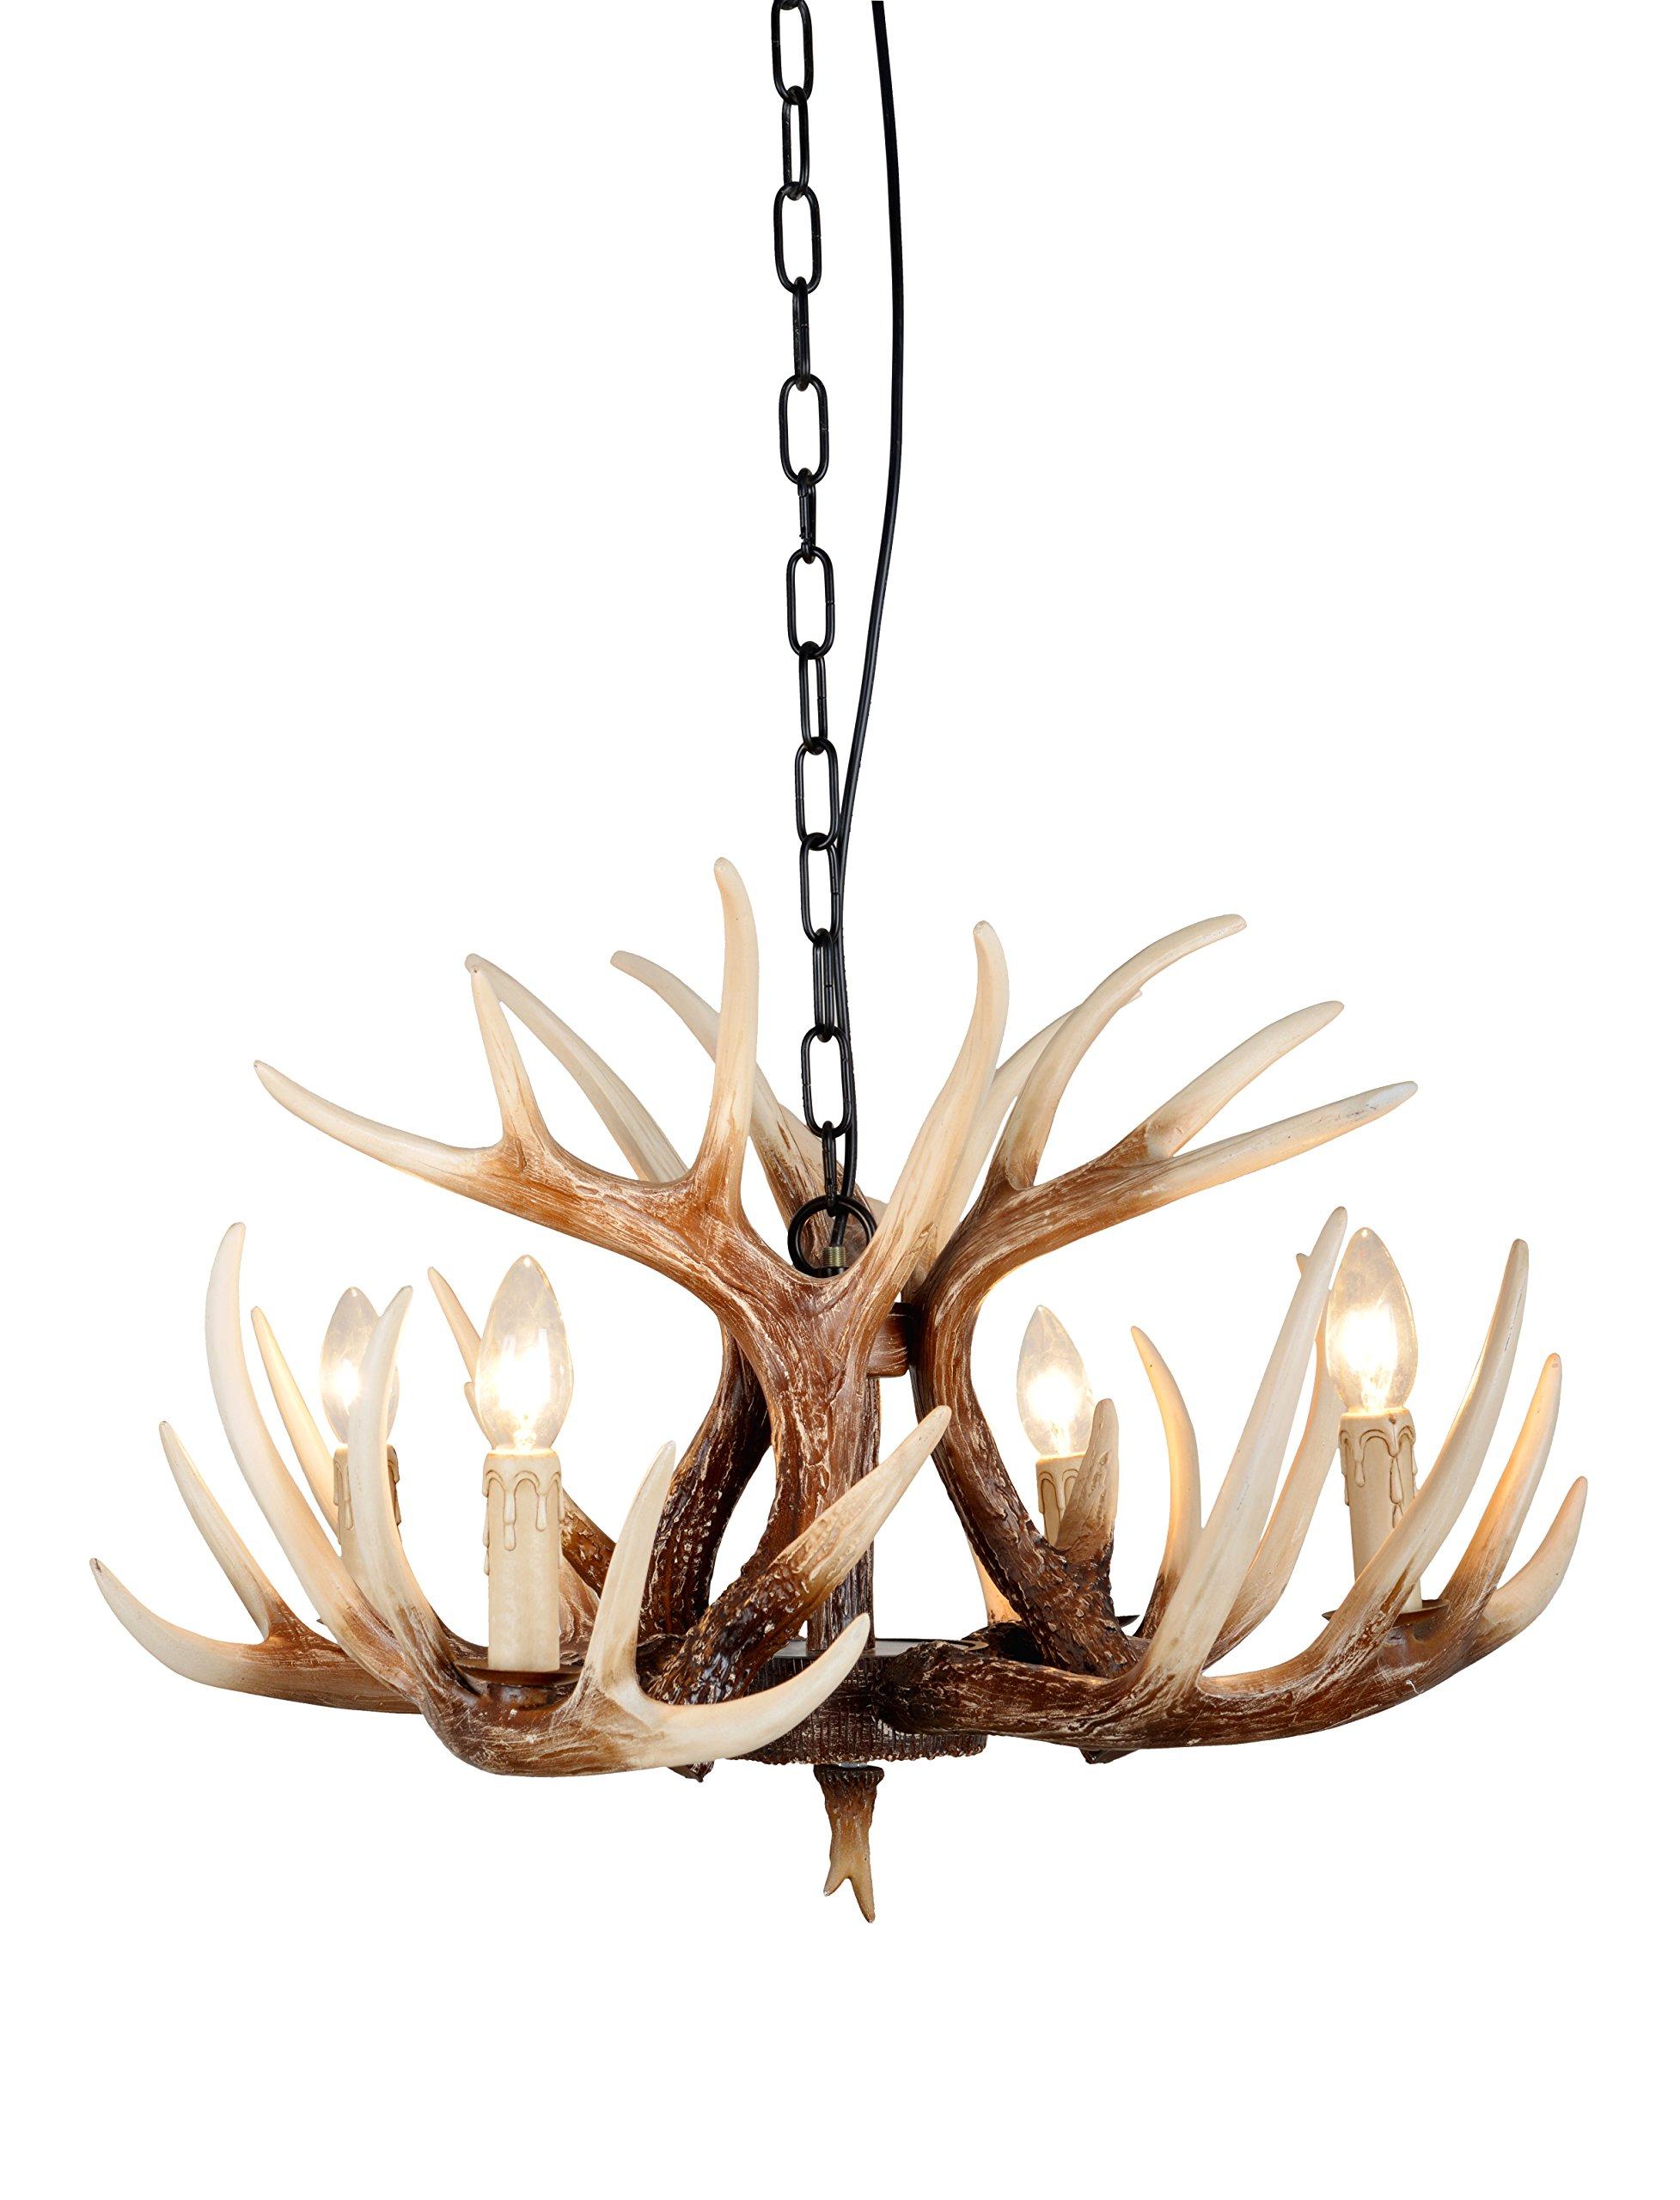 EFFORTINC Vintage Style Resin Deer Horn Antler Chandeliers,4 Lights(Bulbs Not Included) by EFFORTINC